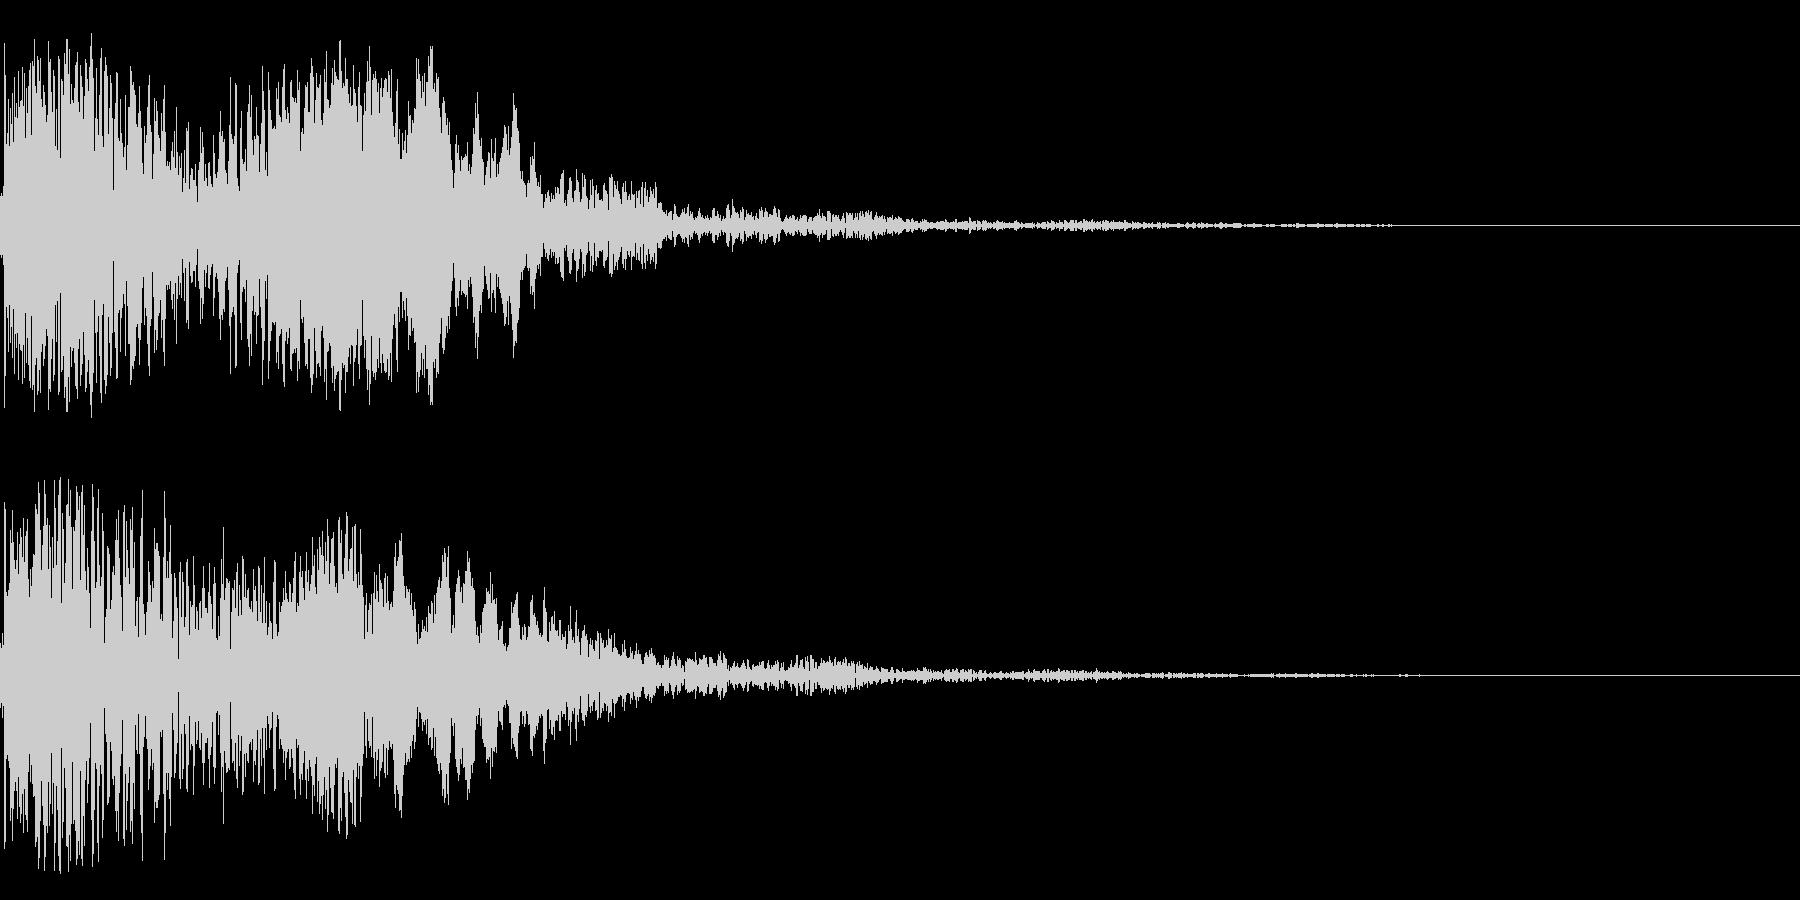 太鼓と尺八の和風インパクトジングル!10の未再生の波形